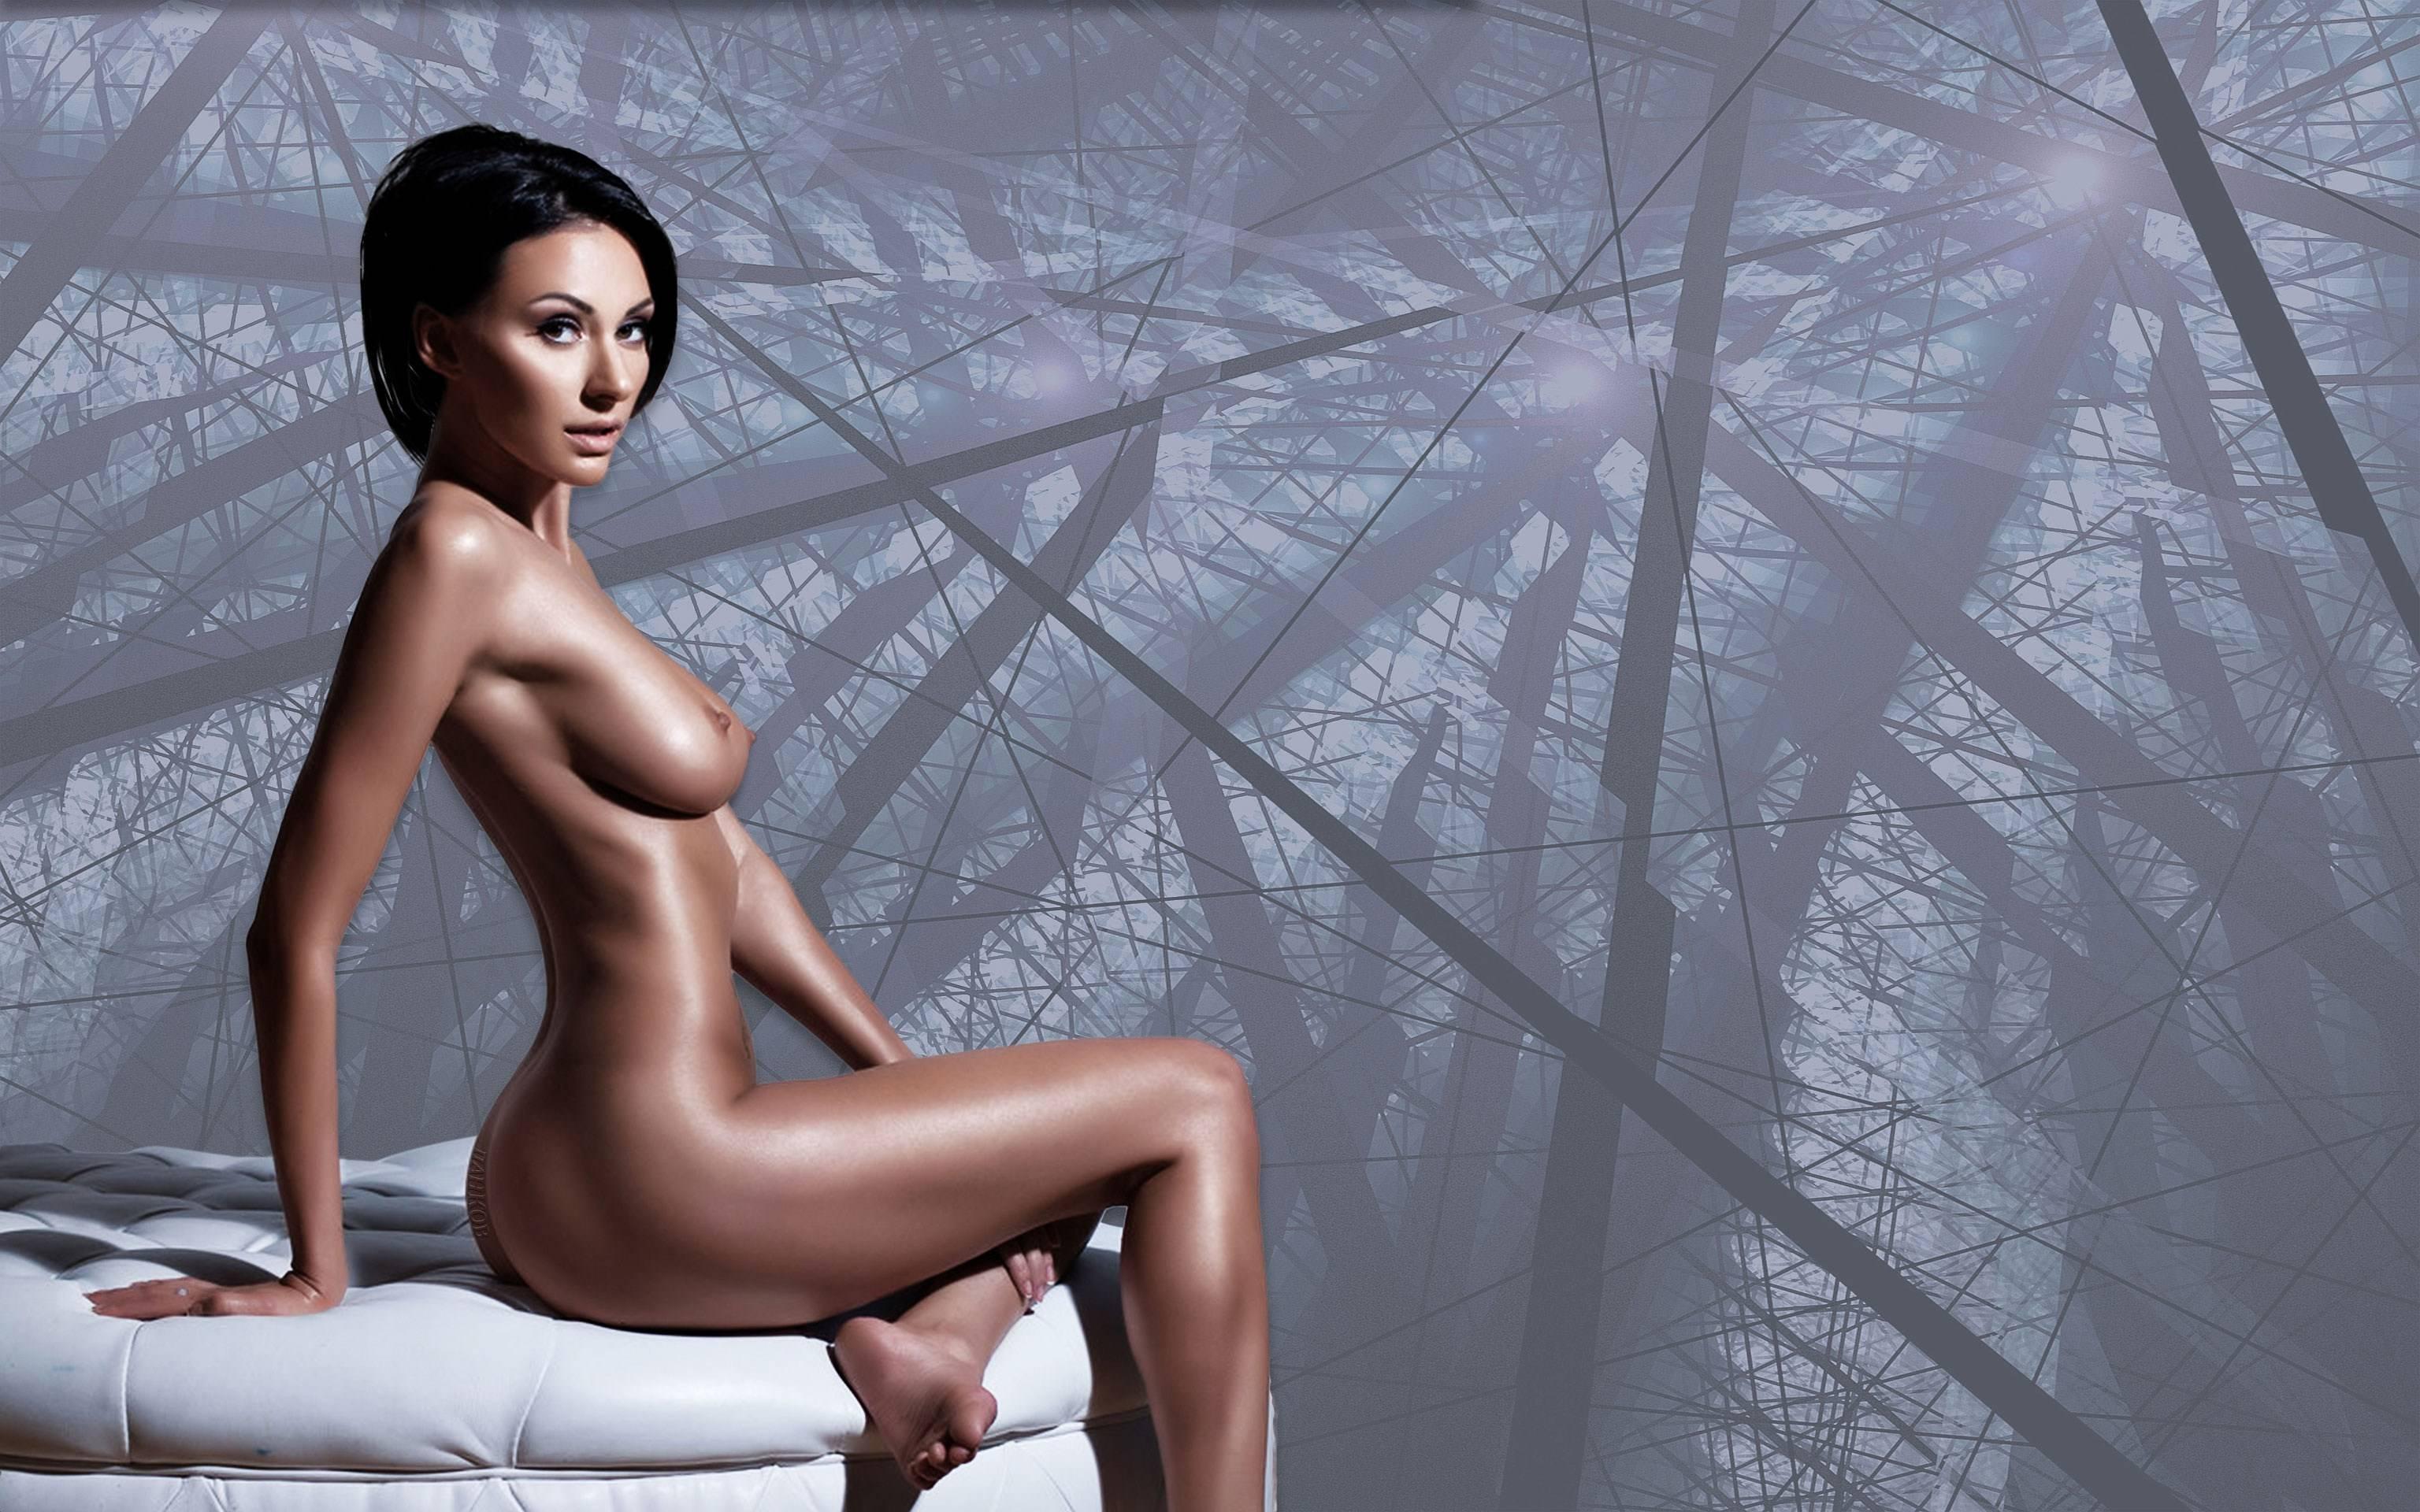 Фото Обнаженная брюнетка с короткой стрижкой, сексуальное блестящее тело, скачать картинку бесплатно